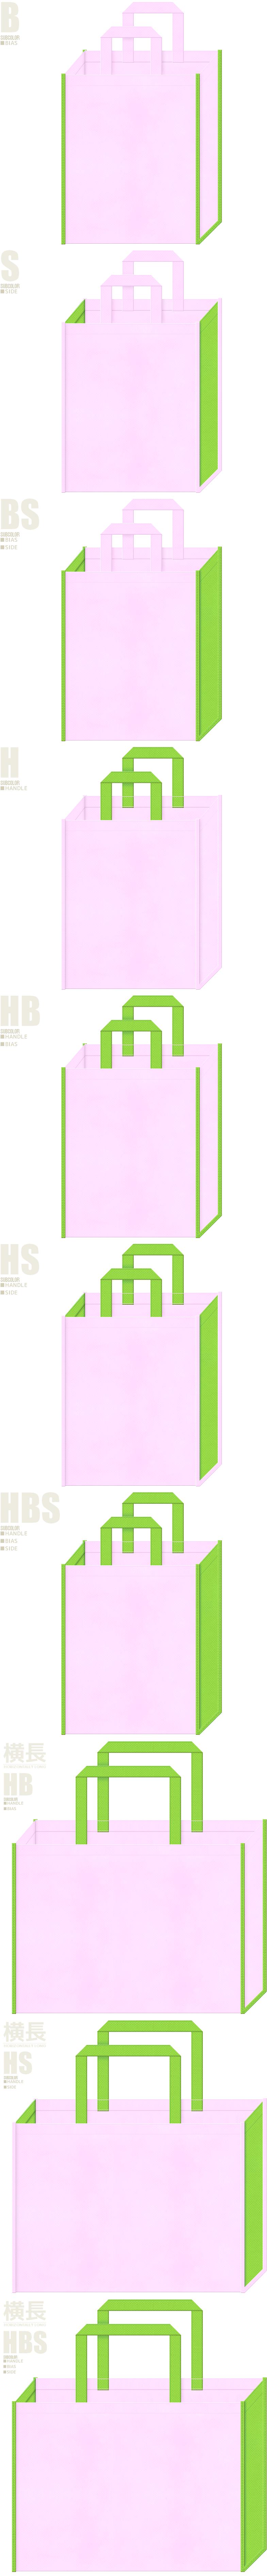 絵本・インコ・お花見・葉桜・アサガオ・あじさい・医療施設・介護施設・春のイベント・フラワーショップにお奨めの不織布バッグデザイン:明るいピンク色と黄緑色の配色7パターン。